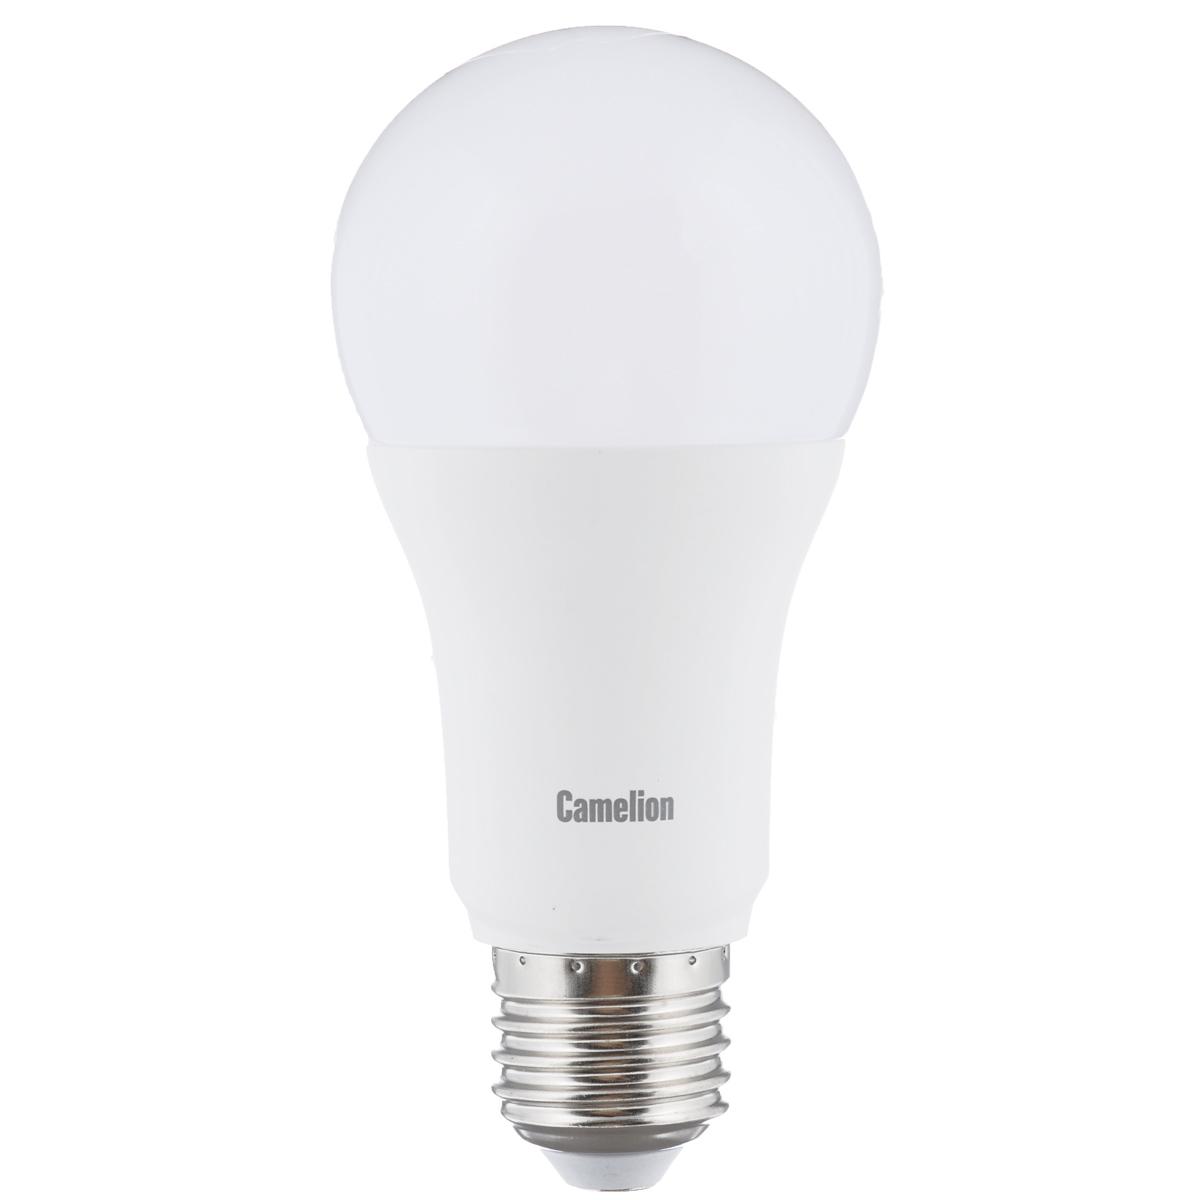 Светодиодная лампа Camelion Led Ultra, теплый свет, цоколь E27, 12 WLED12-A60/830/E27Светодиодная рефлекторная лампа Camelion Led Ultra применяется для замены энергосберегающей лампы или лампы накаливания в точечных и направленных источниках света. При этом она сэкономит ваши деньги за счет минимального потребления электроэнергии и долгого срока службы. Так же эта лампа обладает высоким индексом цветопередачи и не мерцает, что делает ее свет комфортным для глаз. Нагрев LED лампы минимален, что позволяет использовать ее в натяжных потолках и других конструкциях, требовательных к температурному режиму. При производстве светодиодных ламп не используются вредные вещества, в том числе ртуть, поэтому не требует утилизации. Рабочий диапазон напряжений - 220-240В / 50Гц. Индекс цветопередачи: 77+.Угол светового луча: 240°.Коэффициент пульсации освещенности (Кп): менее 1%.